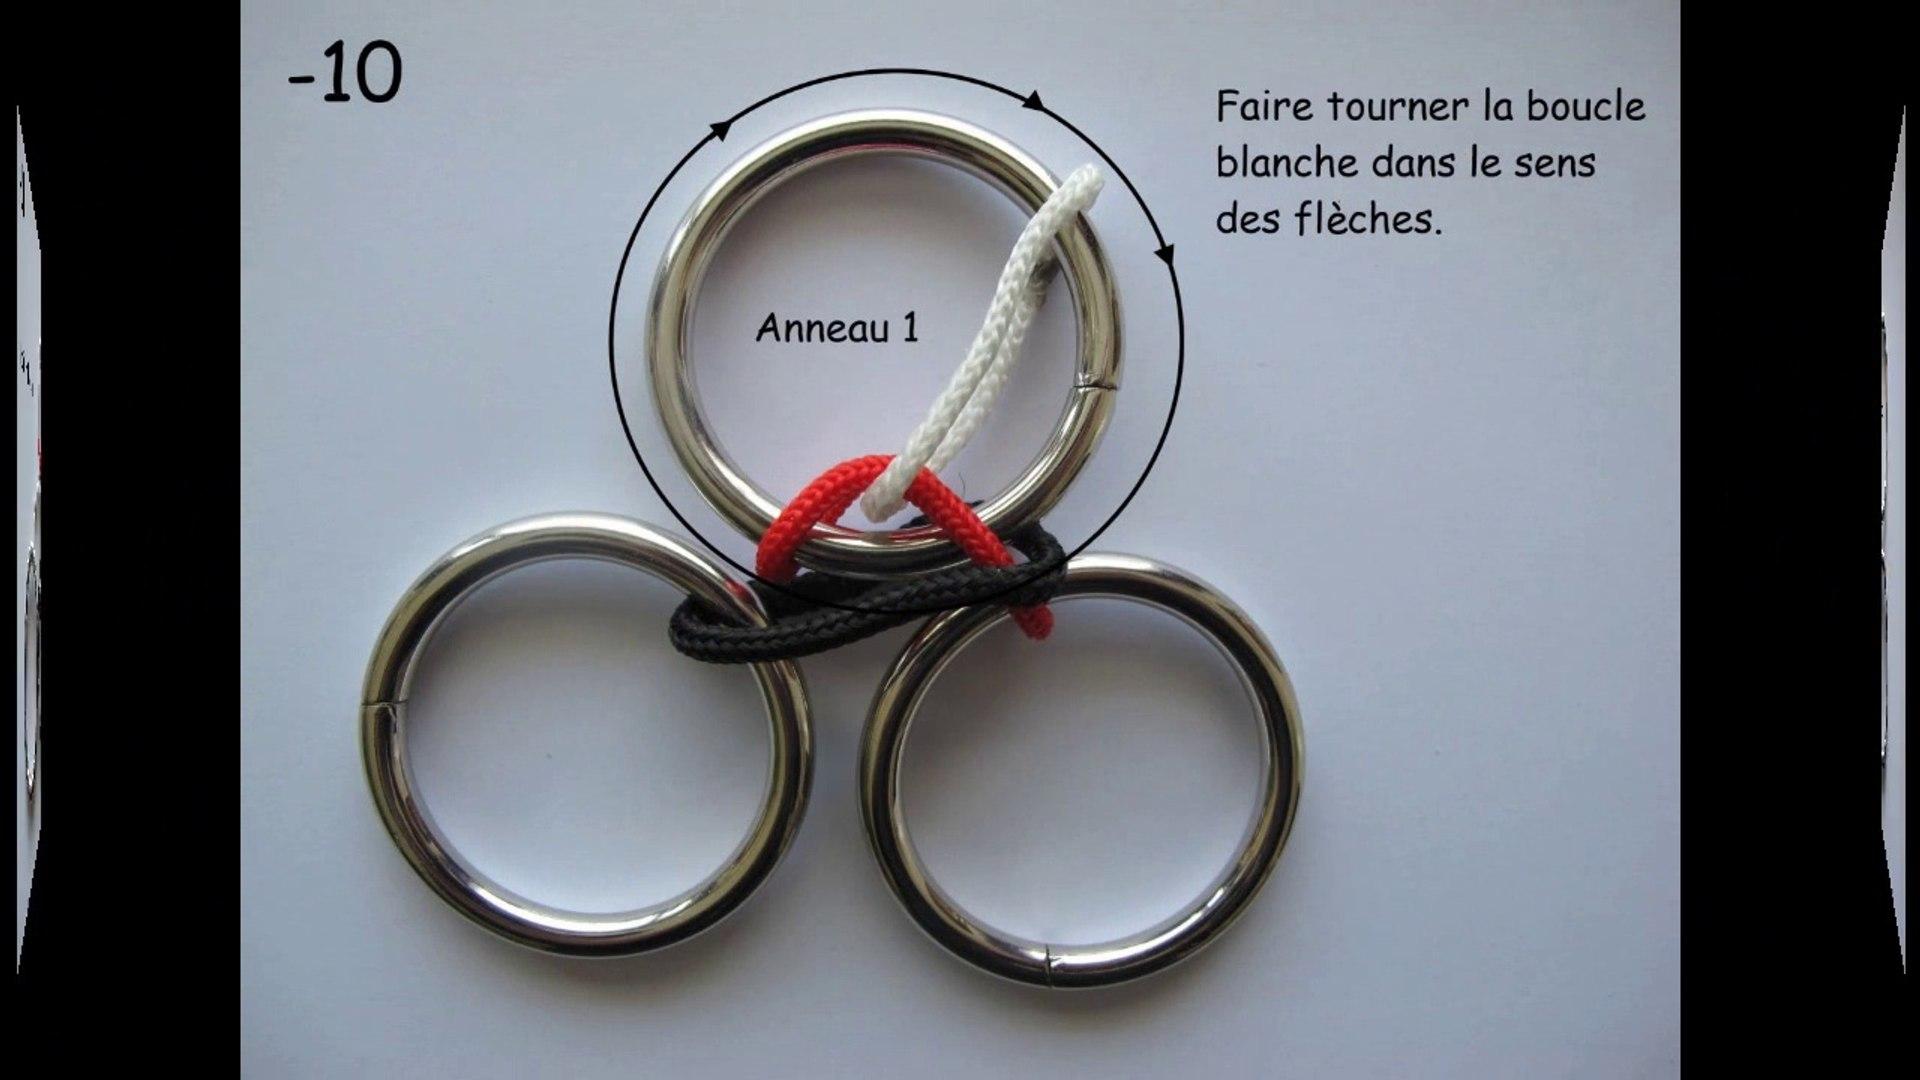 solution du casse tete des 3 anneaux